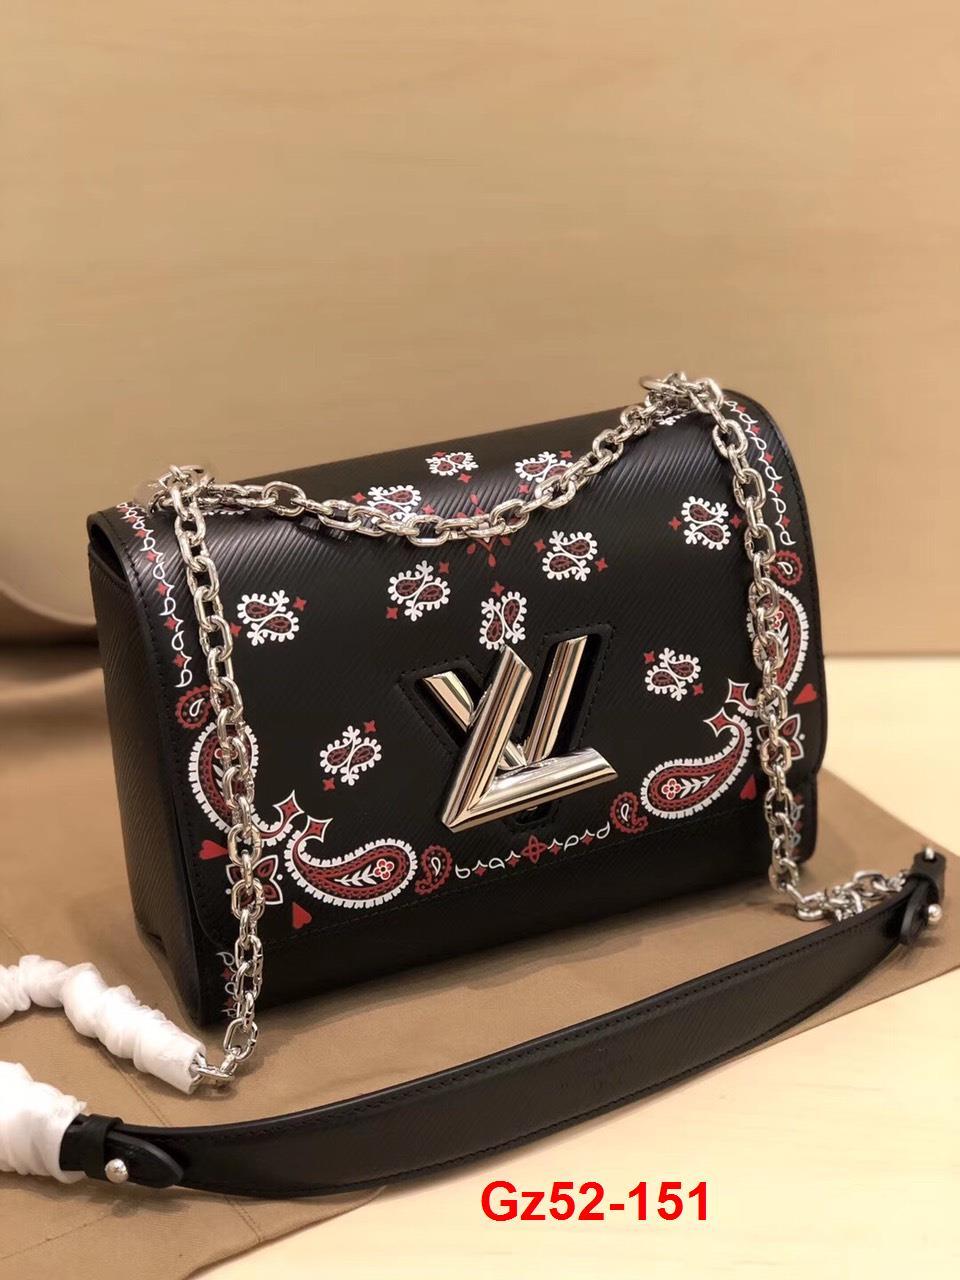 Gz52-151 Louis Vuitton túi size 23cm siêu cấp